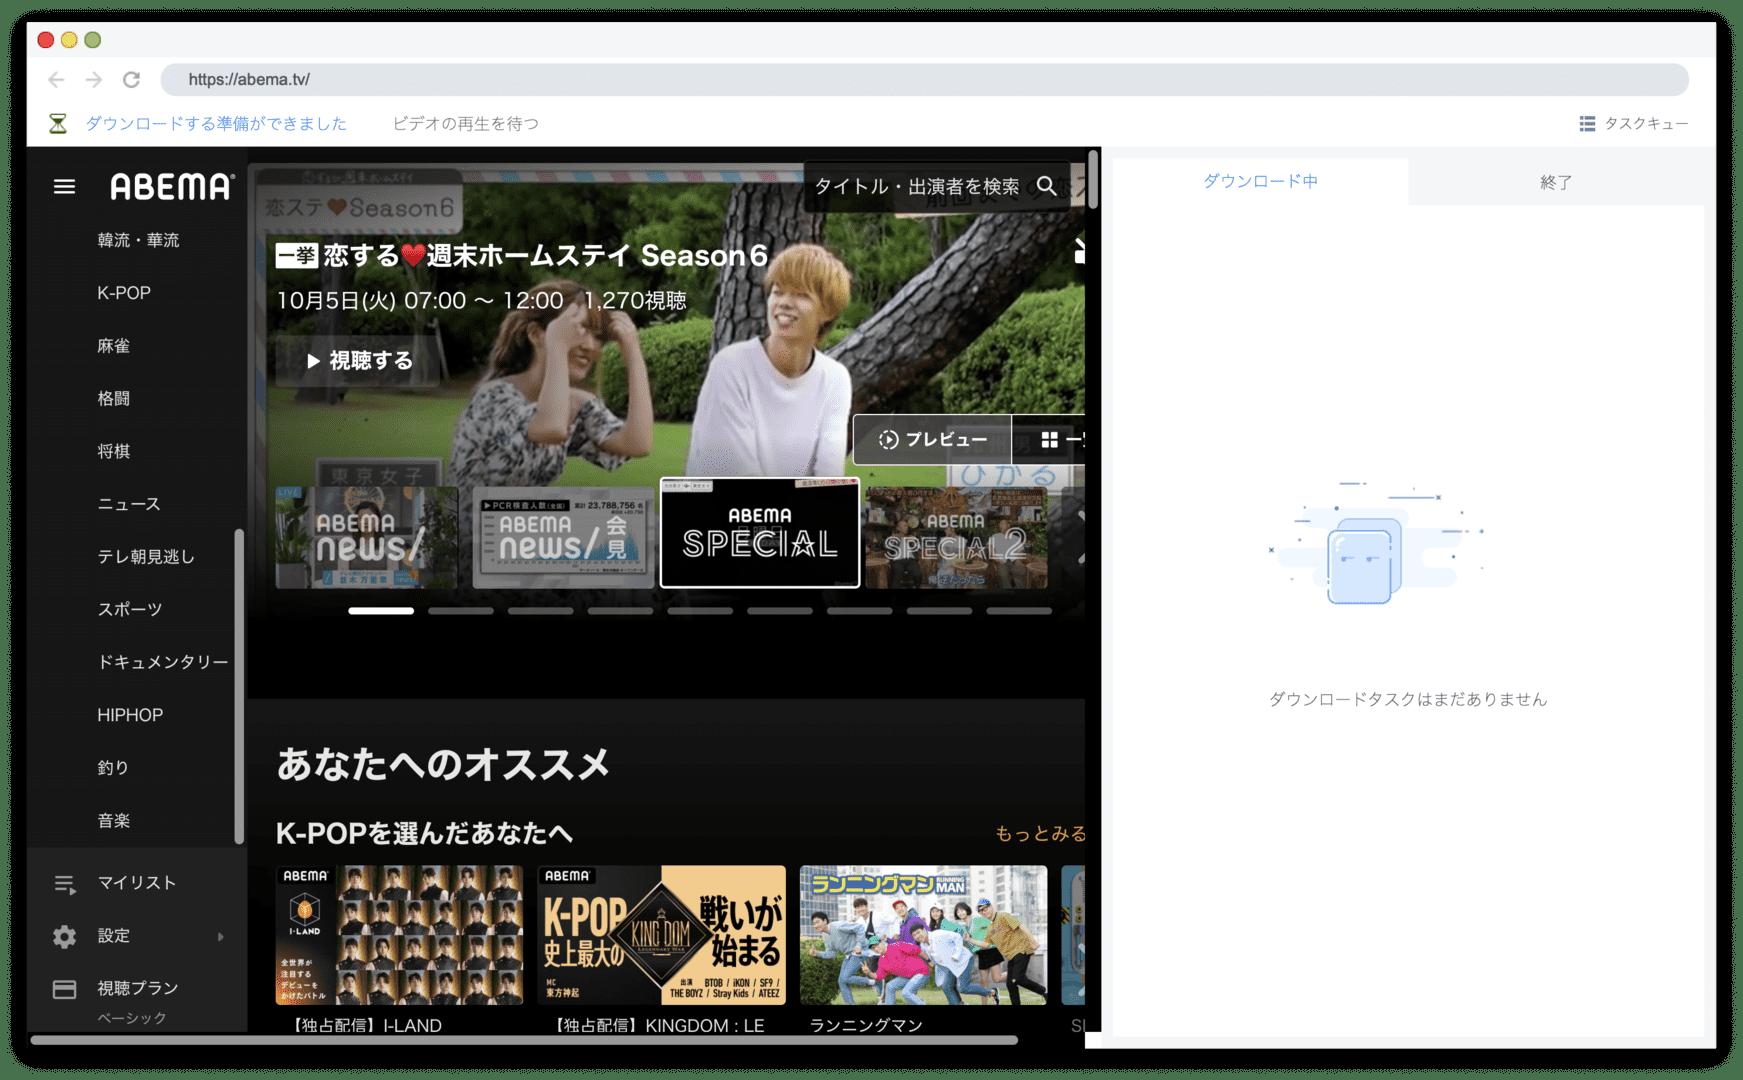 Mac版AbemaTVの録画方法|画面録画できないAbemaTVをMacにダウンロードして永久保存する裏ワザ|録画方法:別ウィンドウが立ち上がったら、画面左側を操作してAbemaTVにログインしましょう。